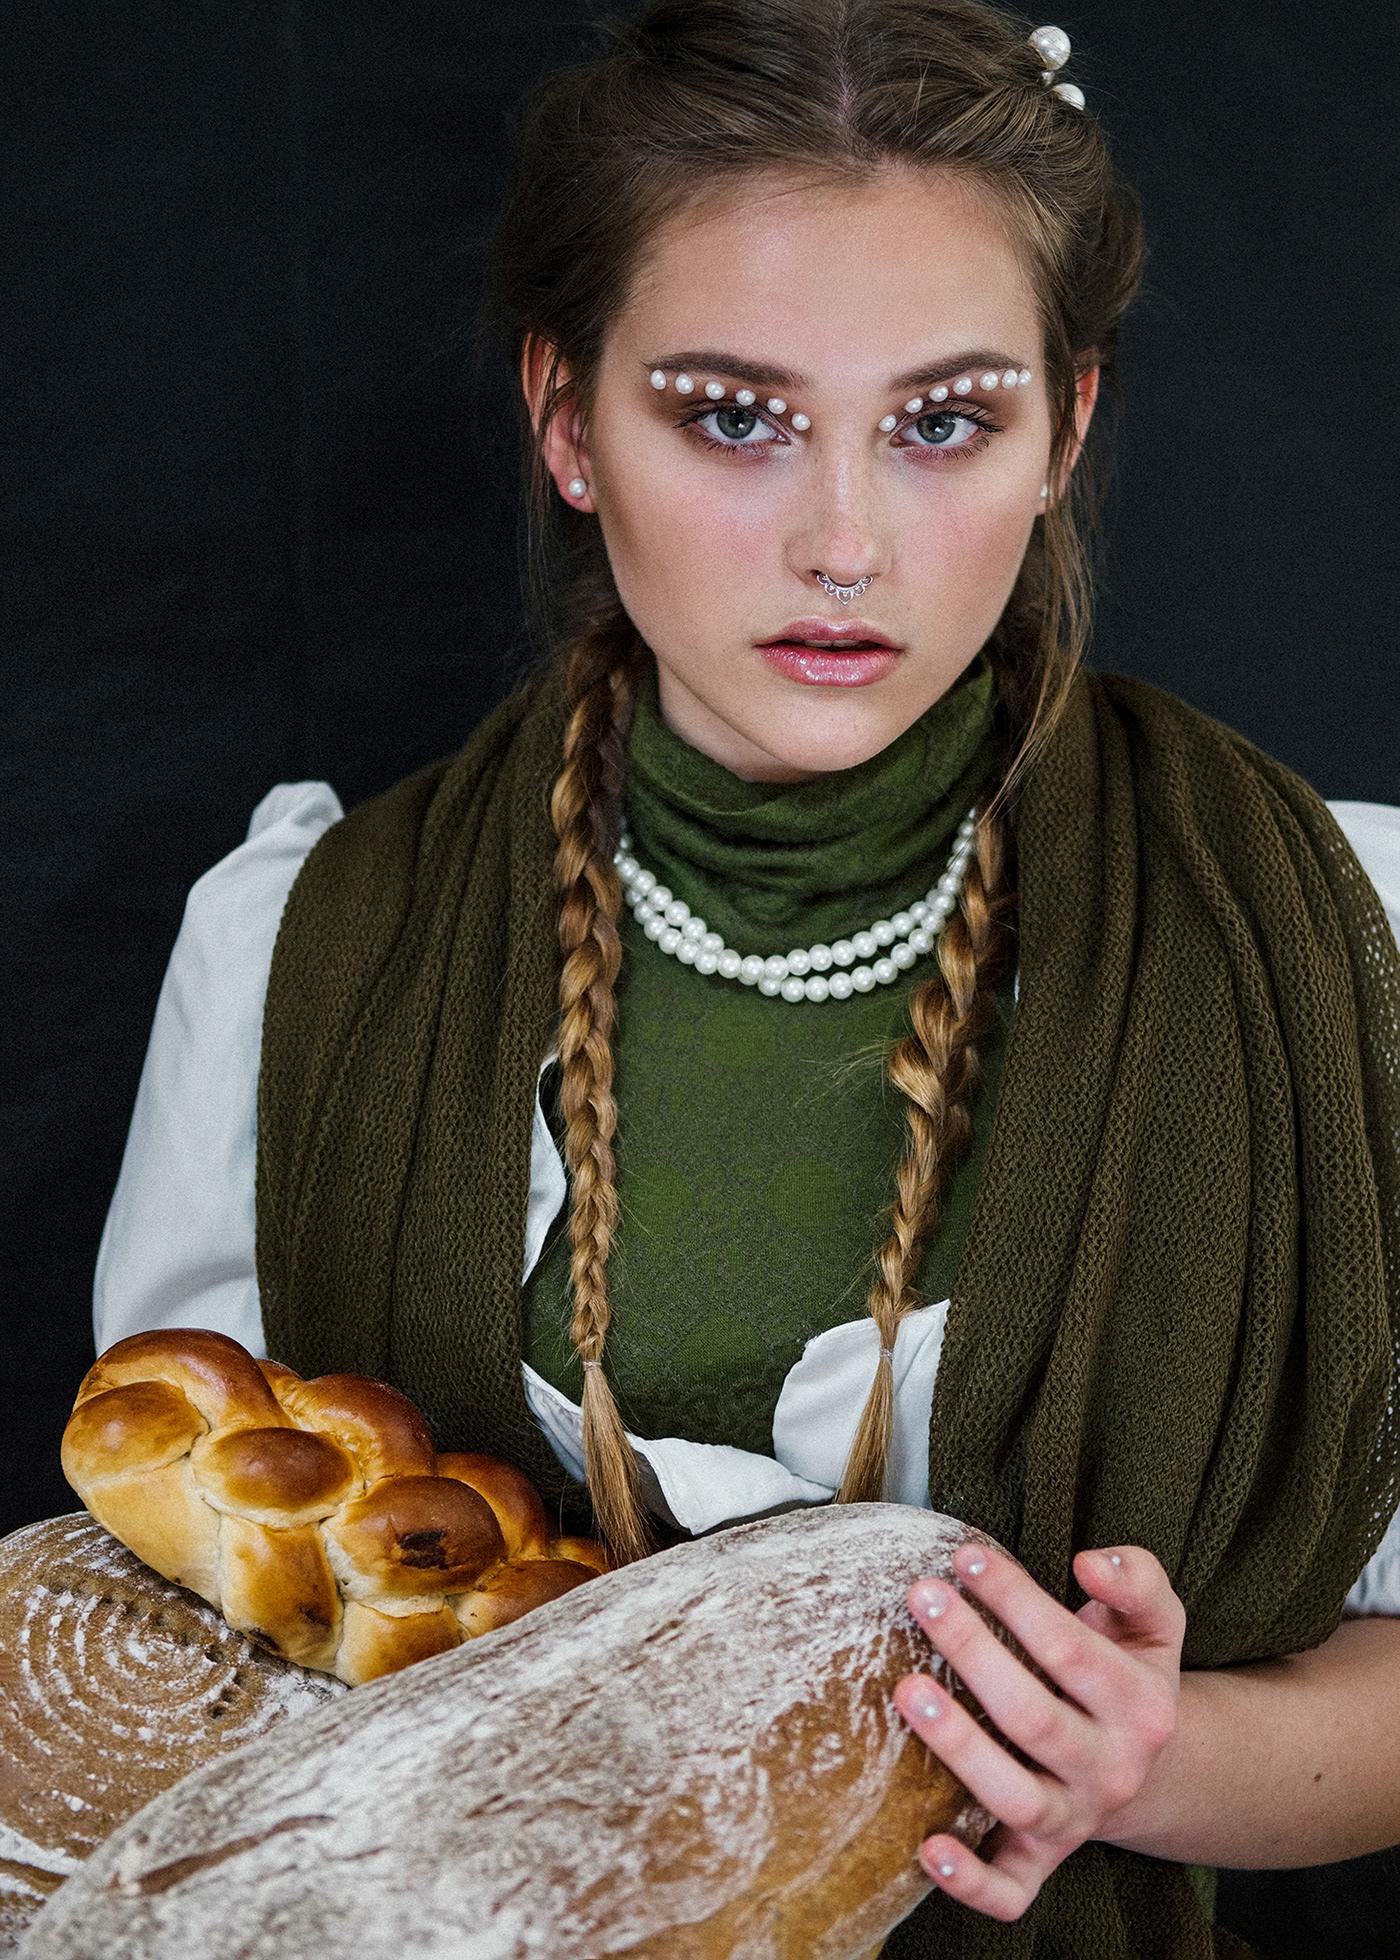 Renaissance fashionclip portrait makeup bakery